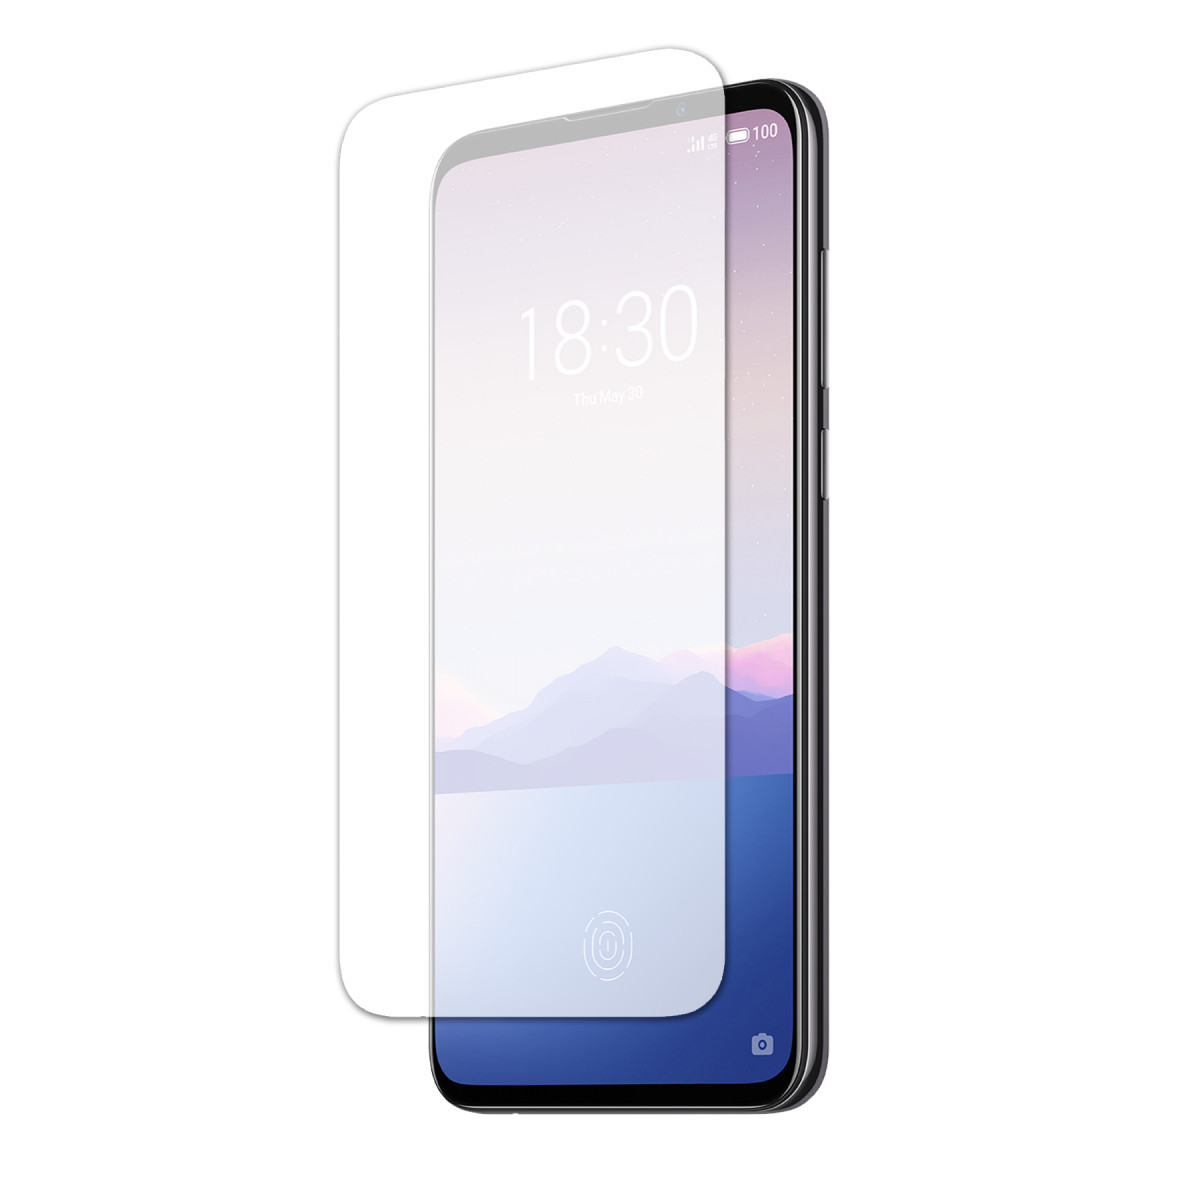 Гідрогелева захисна плівка для смартфонів Meizu (C9/M6T/M8 lite/Note 8/M10/M6s/16th/15 та інші)